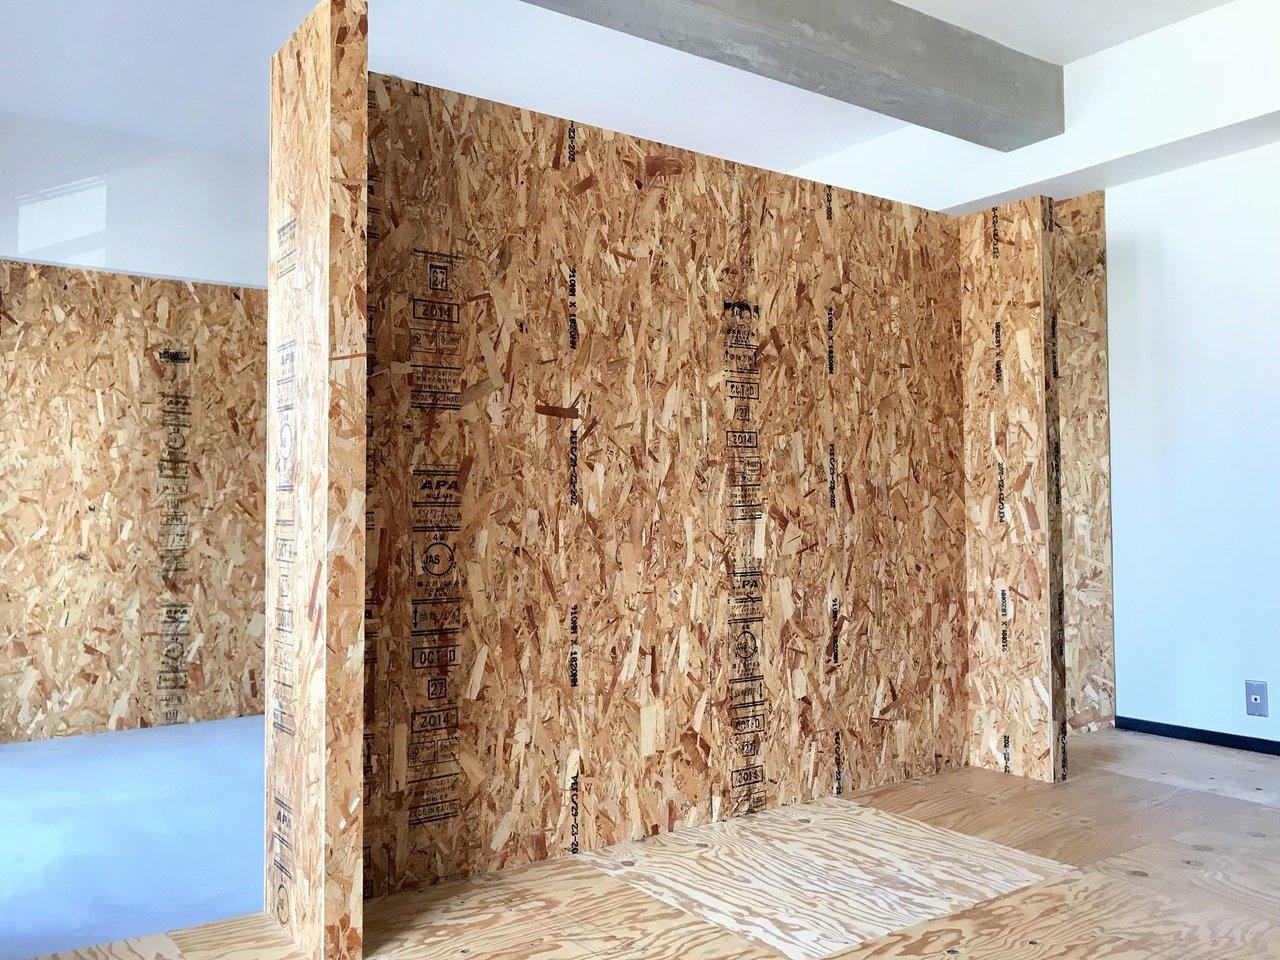 パーティクルボードの壁がすごい存在感を放つ、リノベーションのお部屋です。